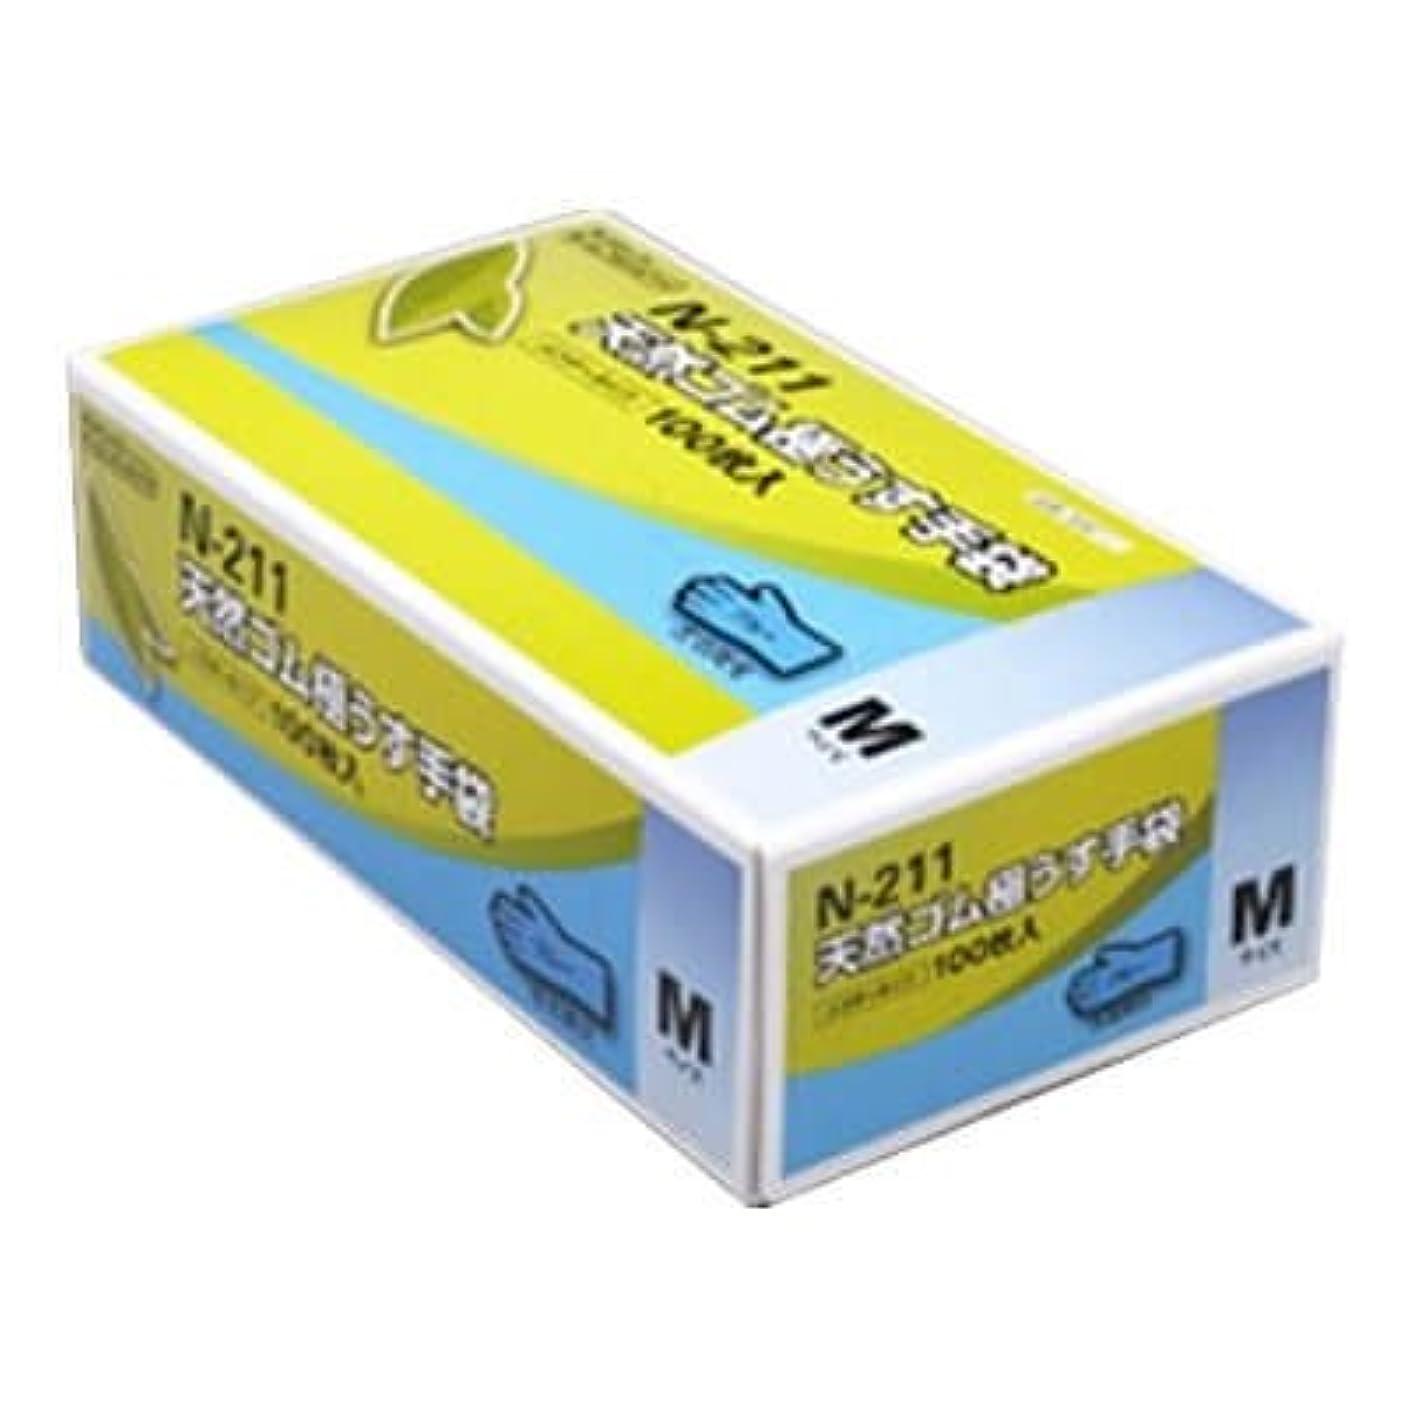 提案する限界白雪姫【ケース販売】 ダンロップ 天然ゴム極うす手袋 N-211 M ブルー (100枚入×20箱)